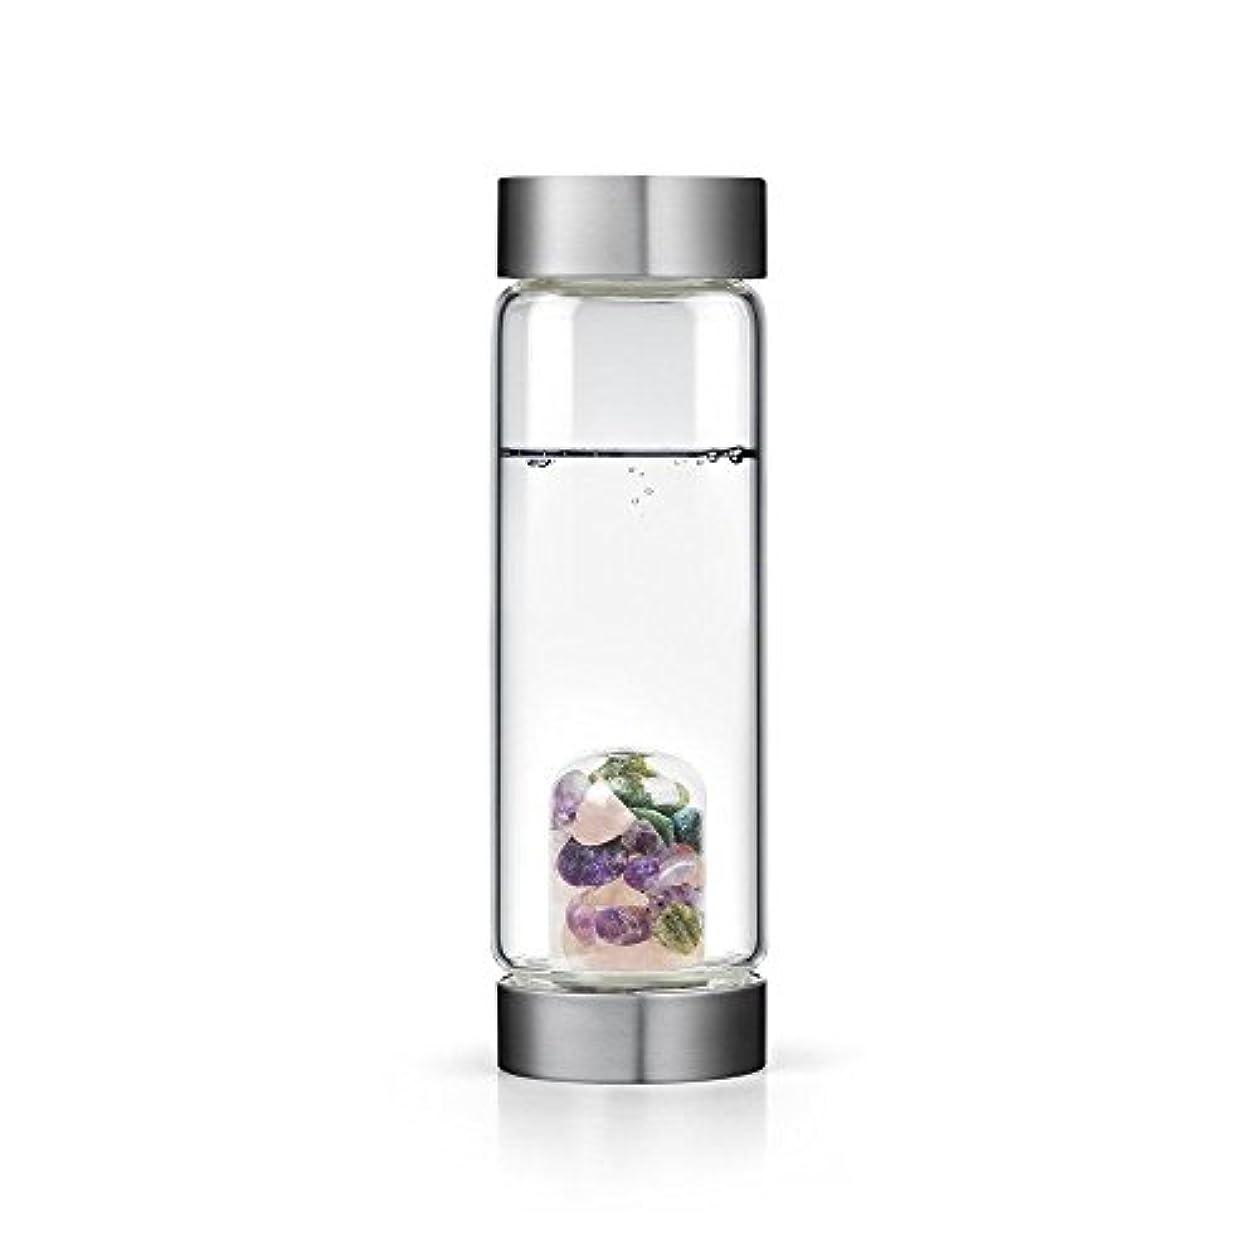 太字スリラーエンジニアBeauty gem-waterボトルby VitaJuwel W / Freeカリフォルニアホワイトセージバンドル 16.9 fl oz